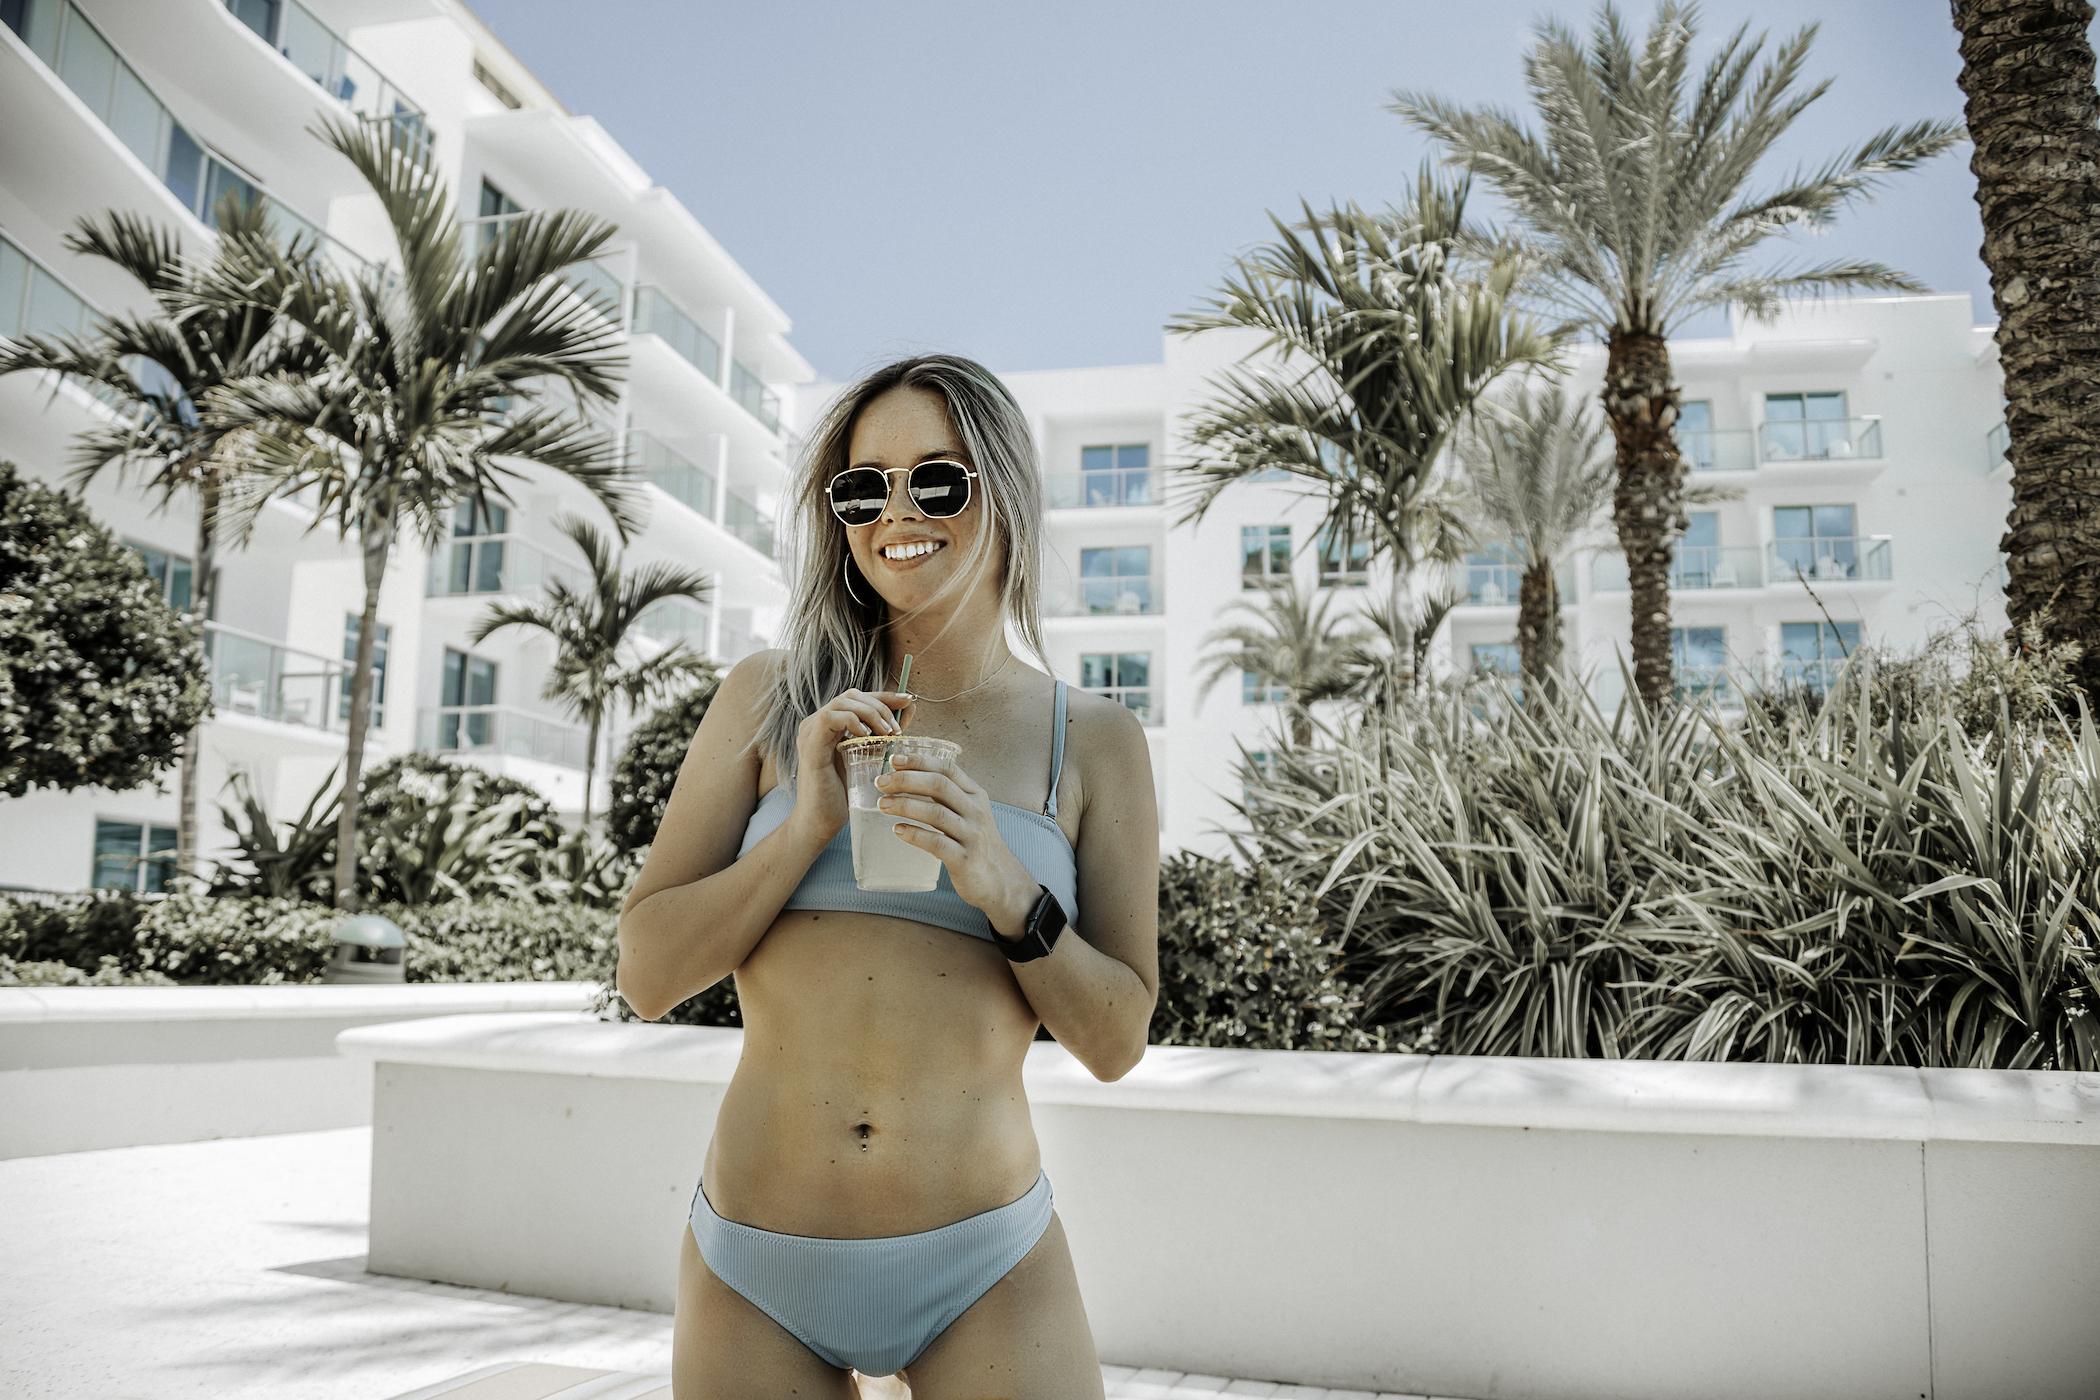 raybans-square-oval-sunglasses-ashlee-rose-photography-tiny-ashe-blog-lifestyle-bikini-swimwear.jpg